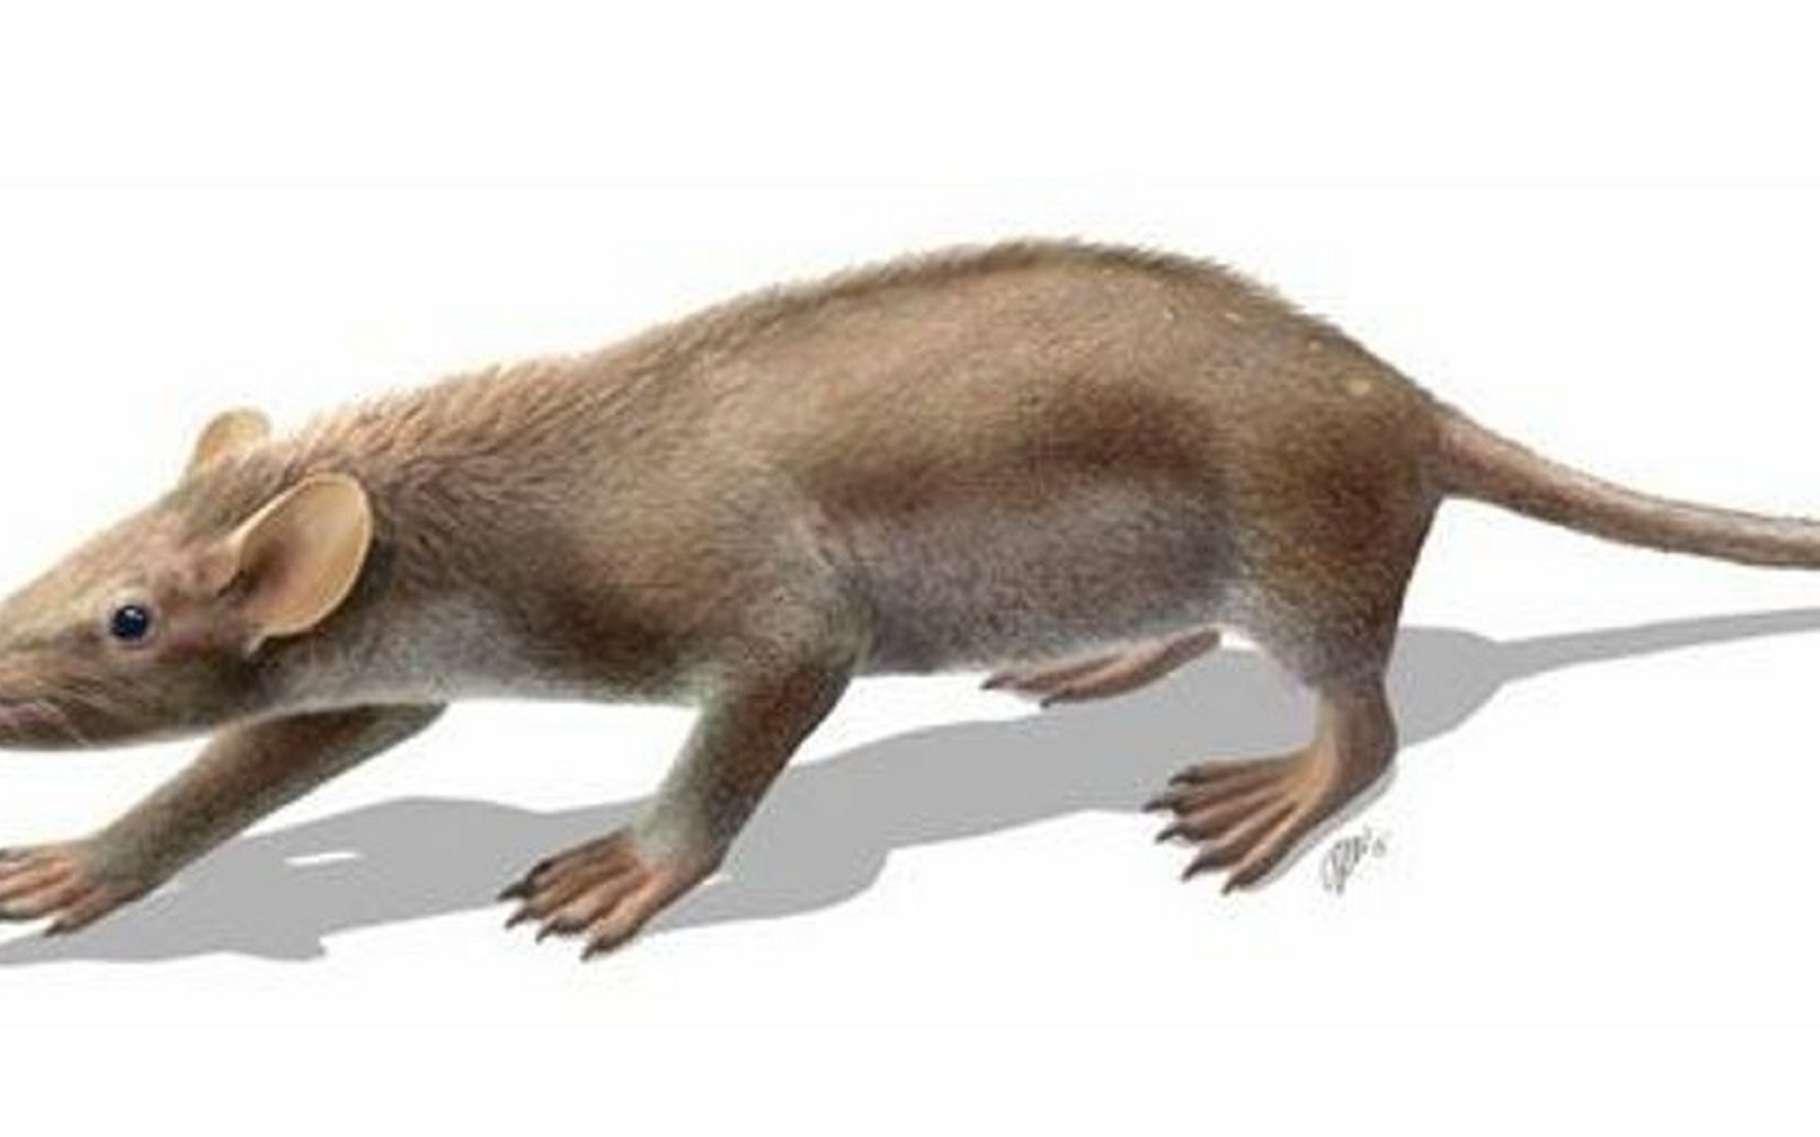 Sur son dos, Spinolestes xenarthrosus cachait des épines au milieu de son pelage. Ce petit mammifère de 25 cm de long, qui pesait moins de 100 grammes, vivait au Crétacé inférieur, avant l'impact de l'astéroïde qui a creusé le cratère de Chicxulub. L'espèce a disparu, comme beaucoup d'autres, dont les dinosaures non aviens. © O. Sanisidro